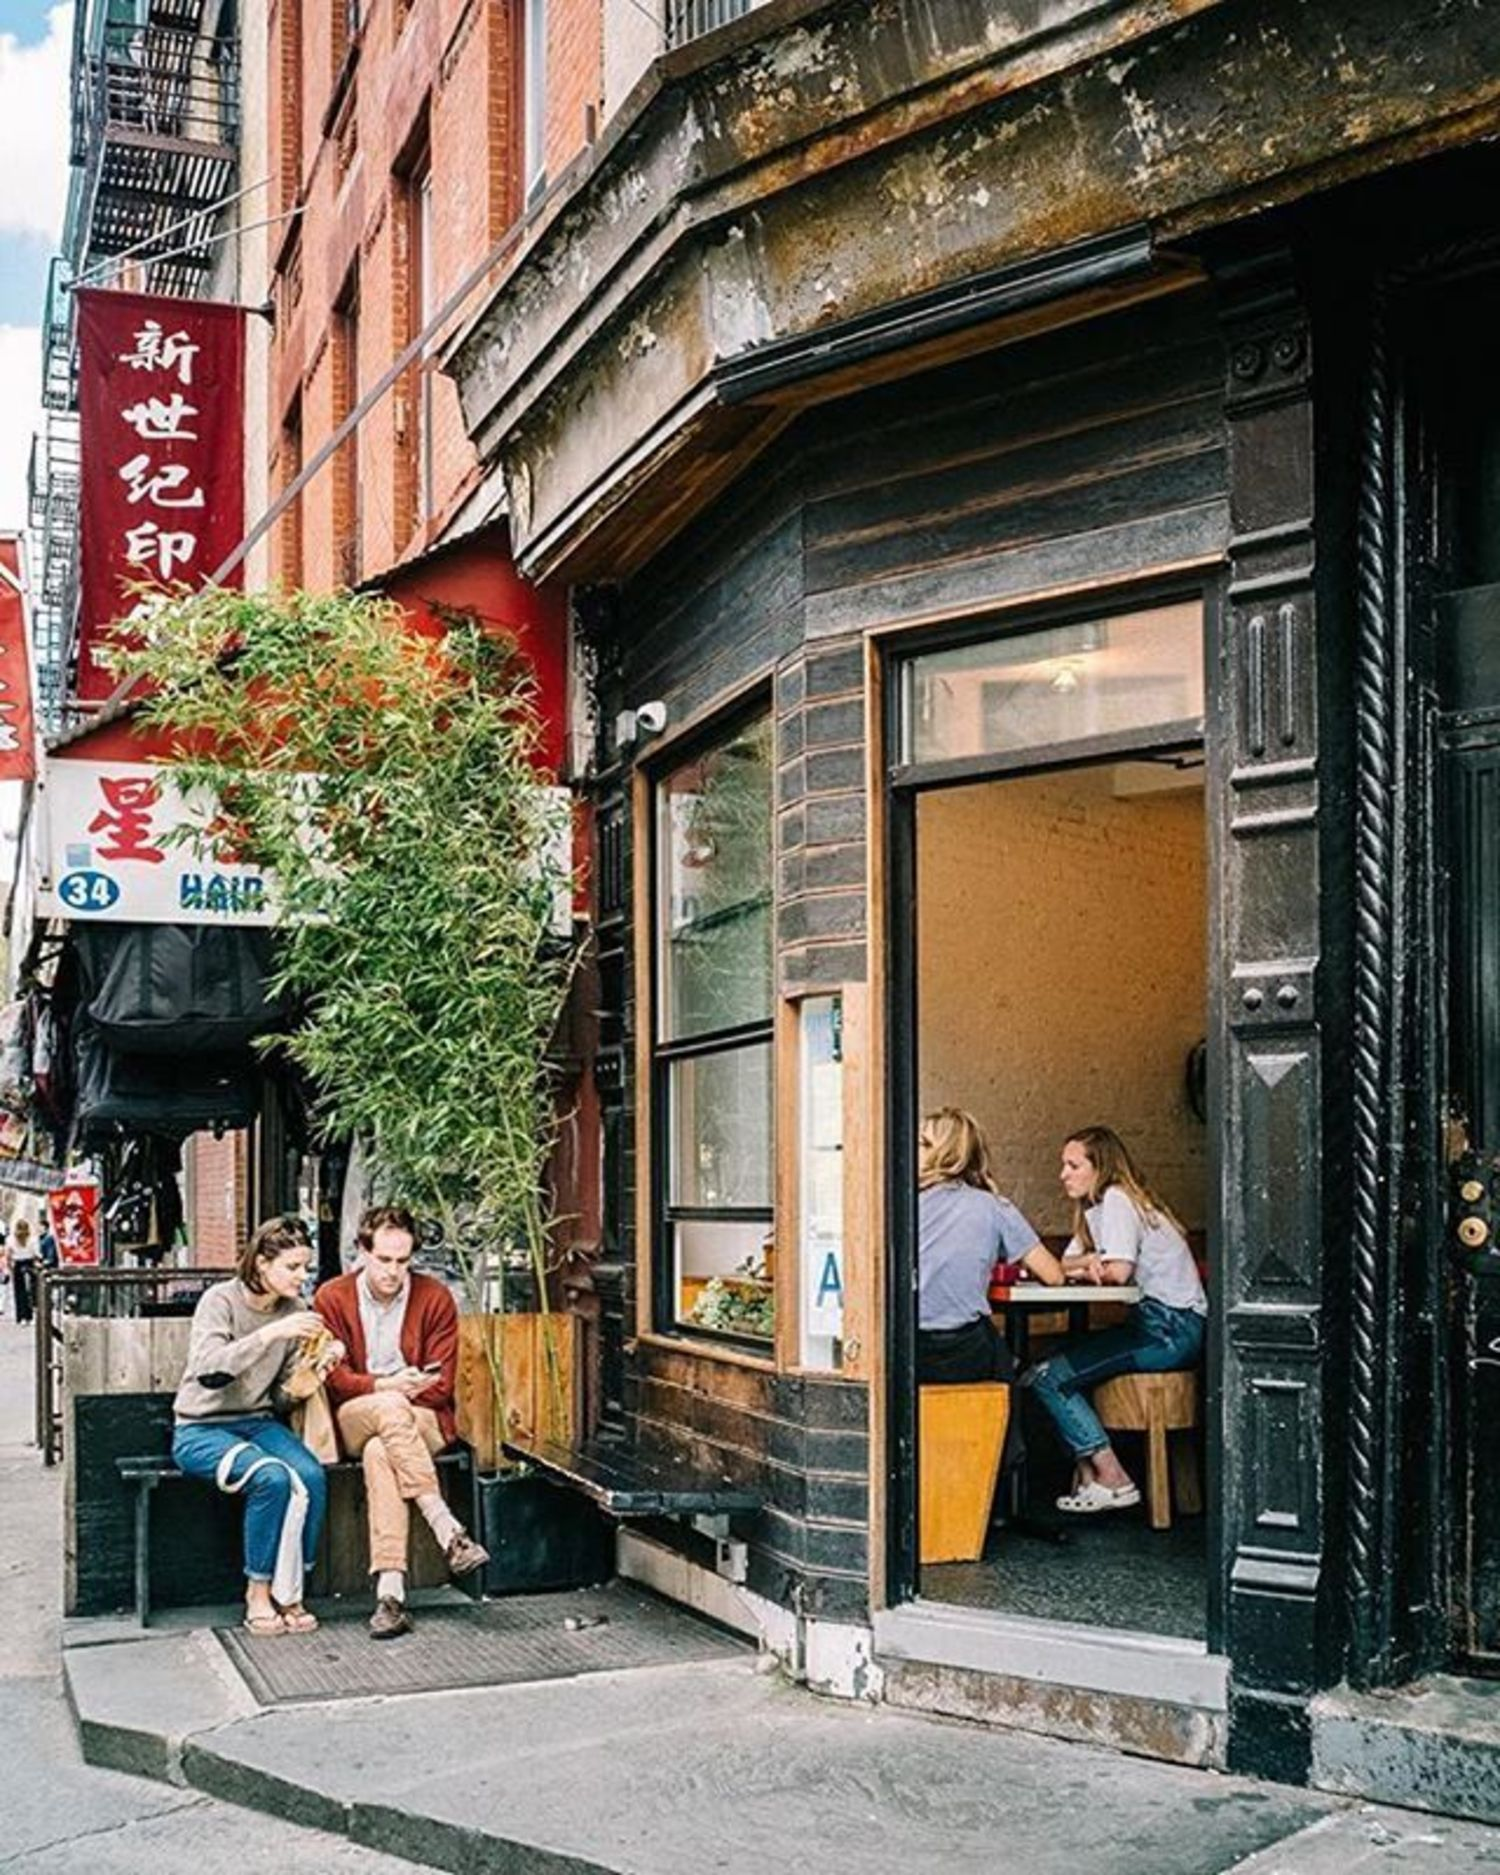 Chinatown, New York City. Photo via @newyorkcitykopp #viewingnyc #newyorkcity #newyork